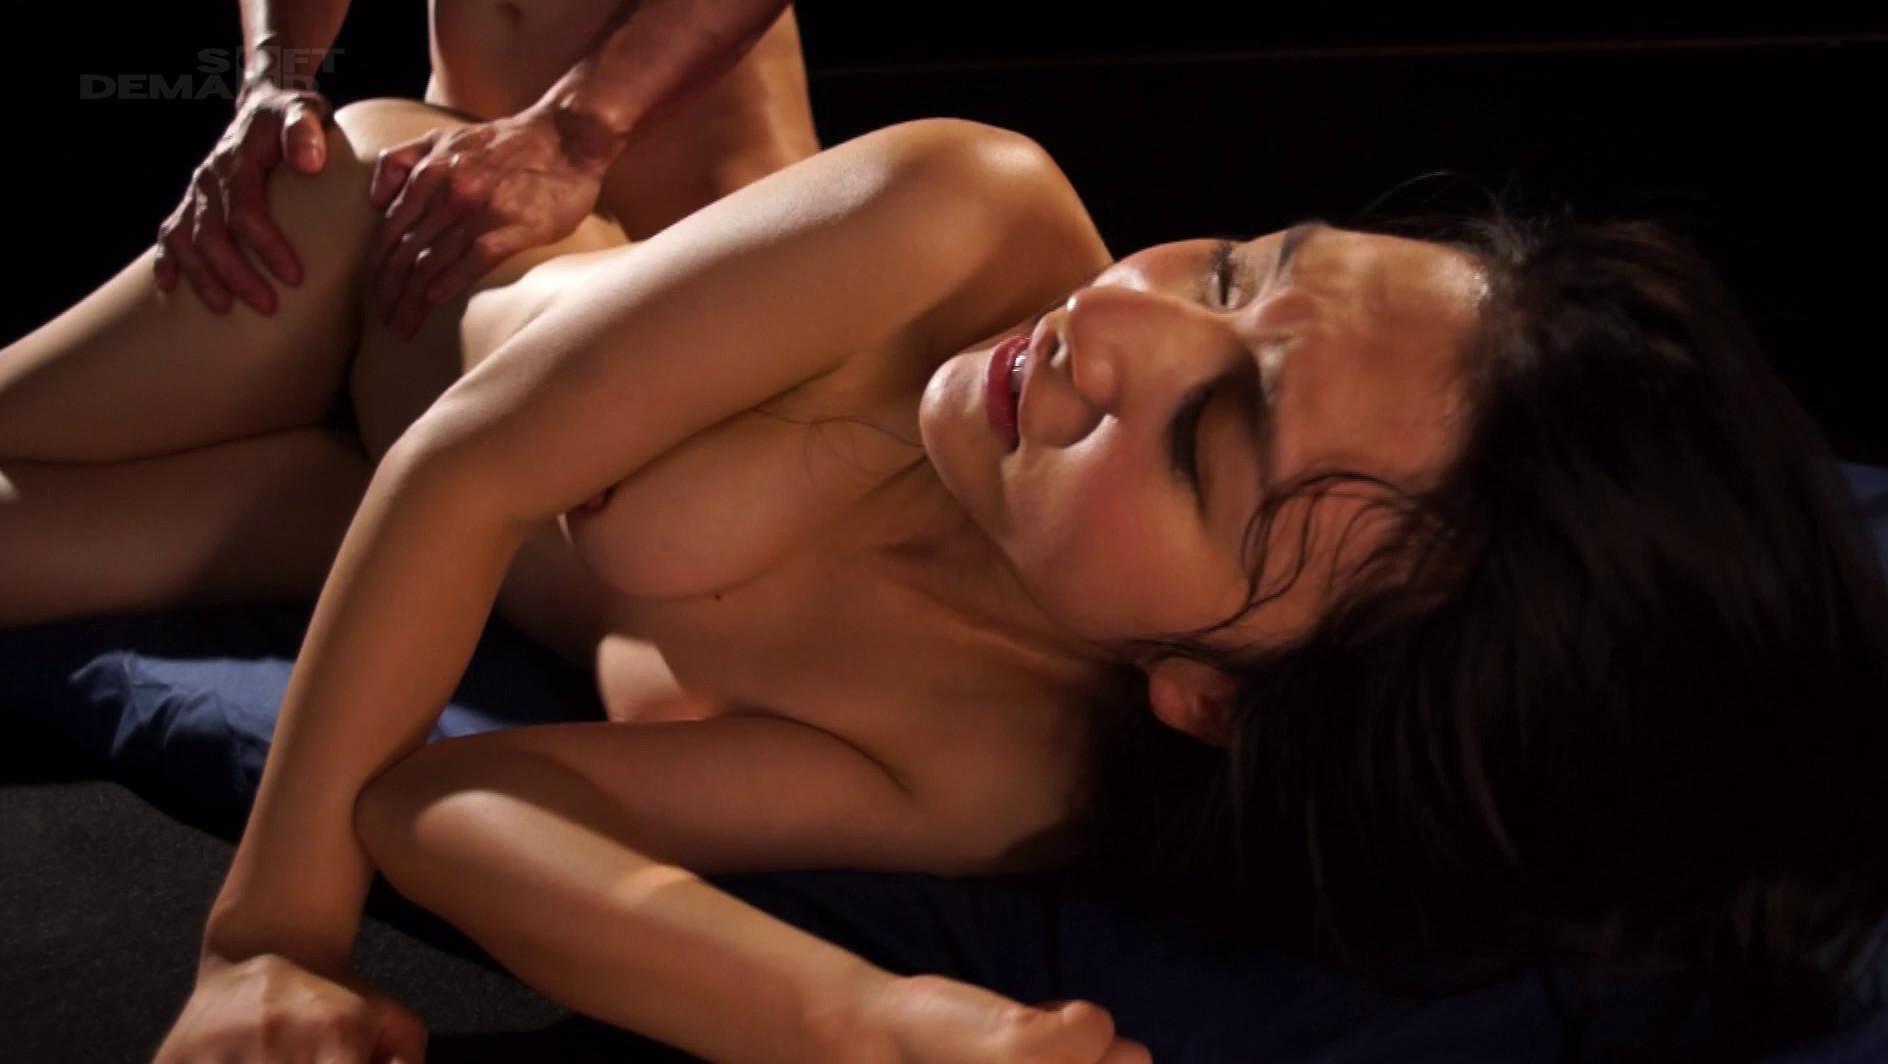 田淵式 秘技伝授 ~道具や体力に頼らずに女性を喜ばせることができる性儀~ 画像14